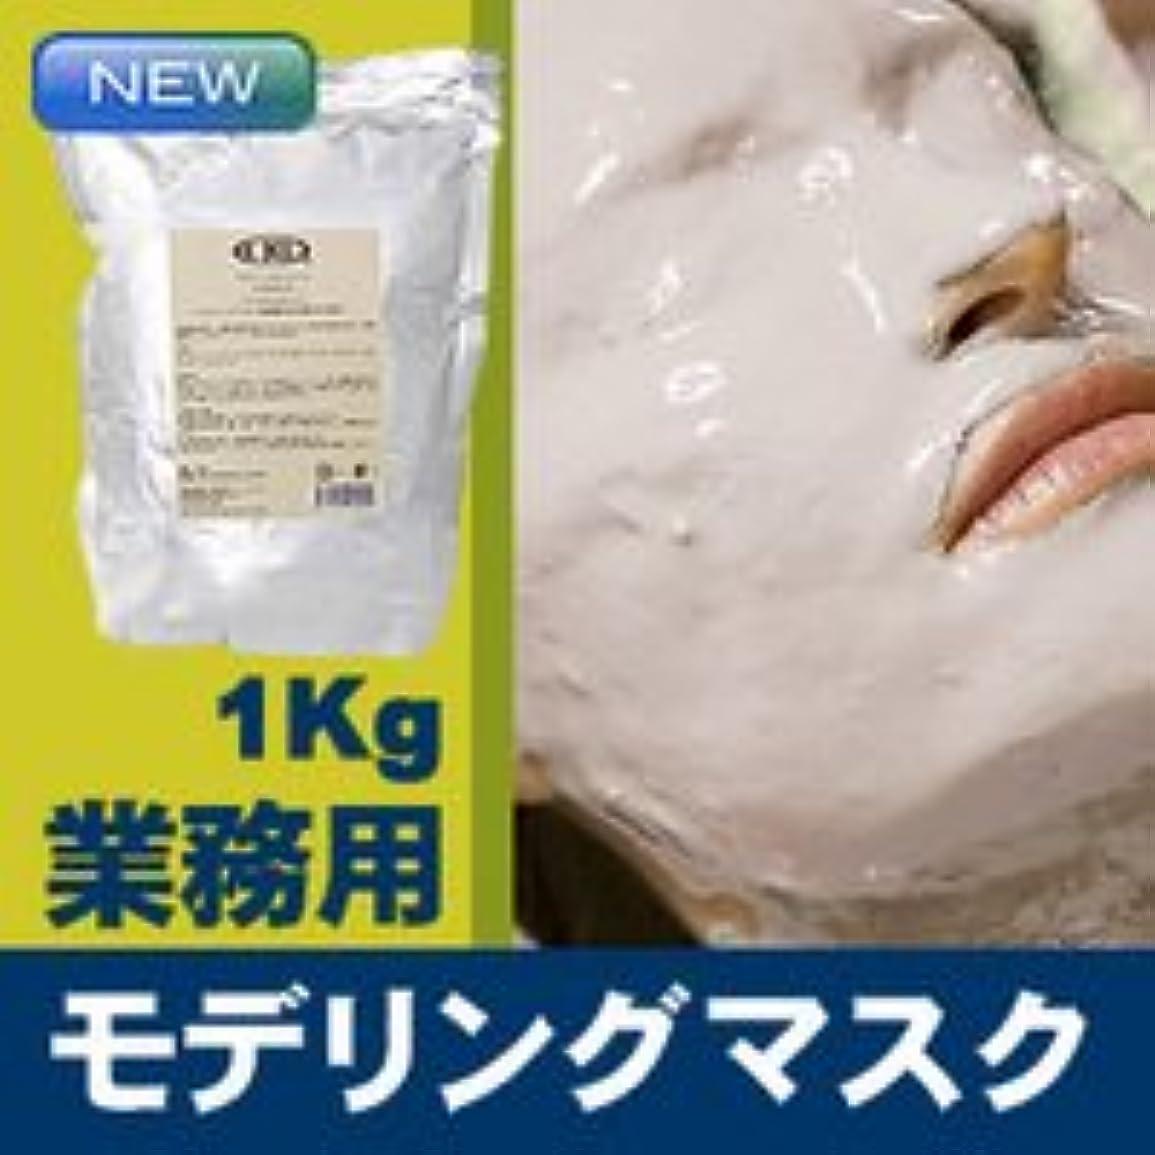 しゃがむジャーナル雇うモデリングマスク 1Kg ビタミンC配合(ゴールデンオレンジ) / フェイスマスク?パック 【ピールオフマスク】